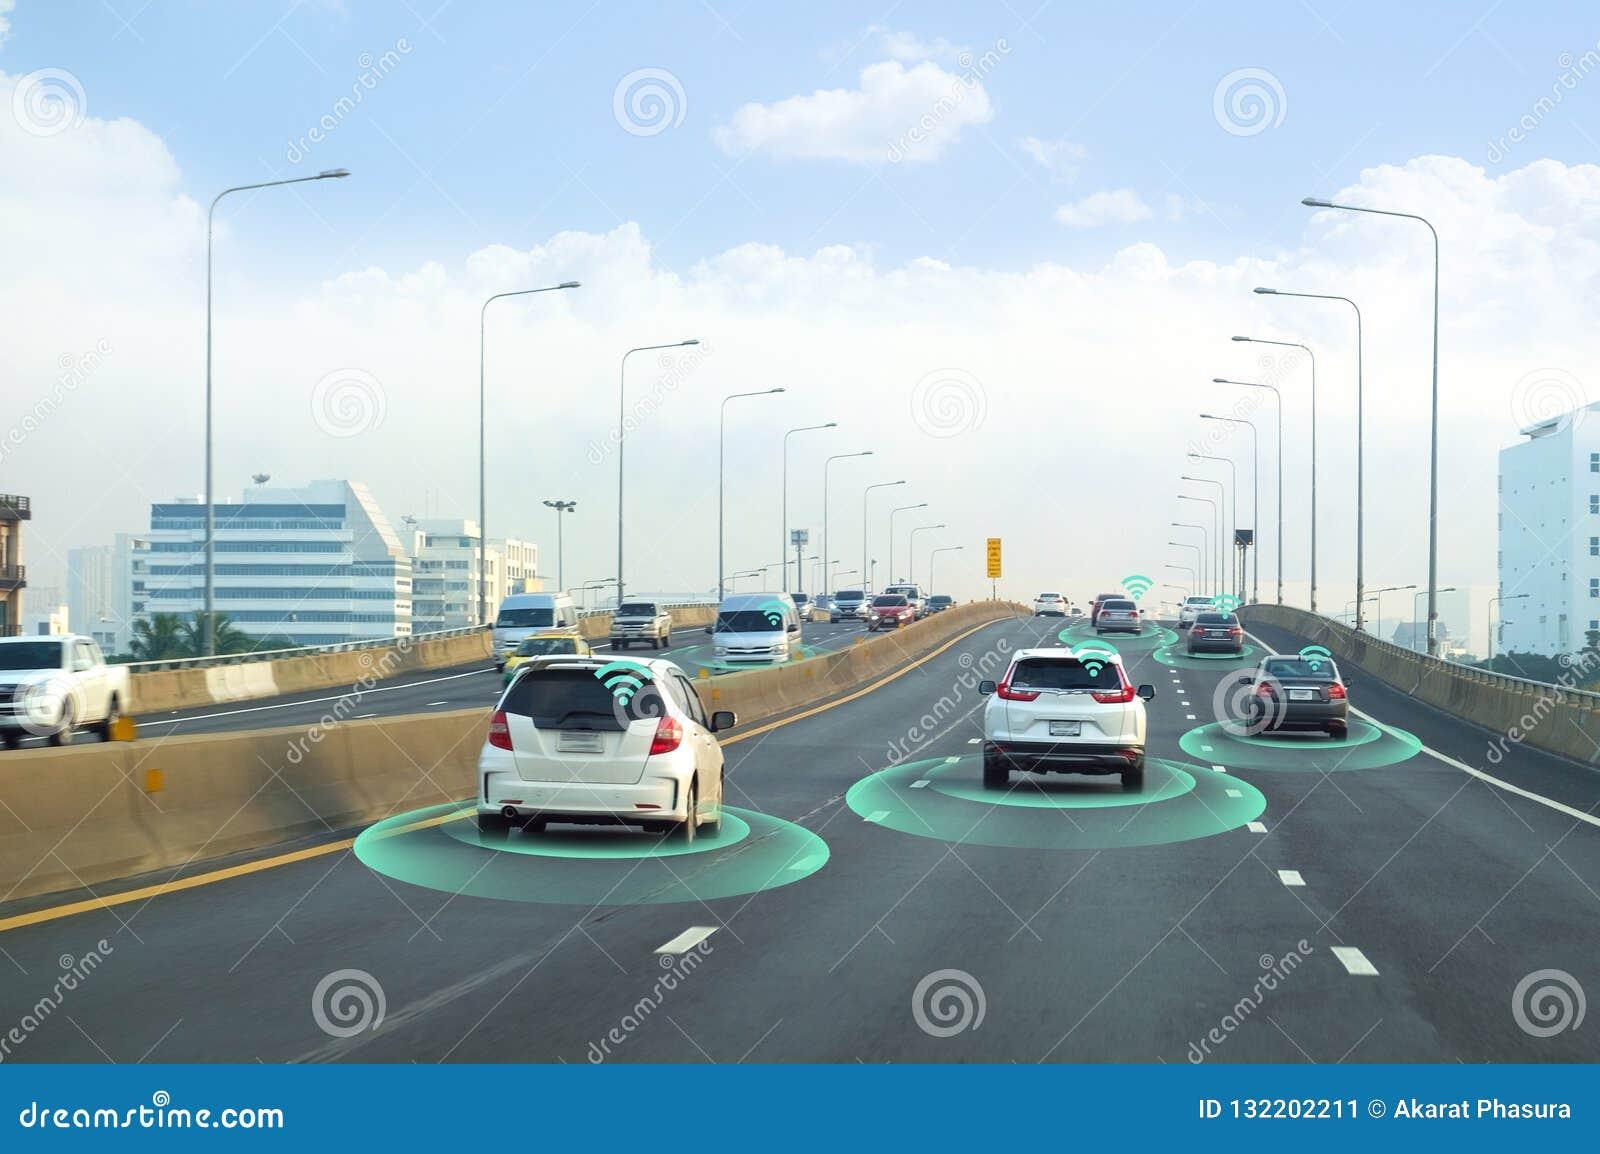 Έξυπνο αυτοκίνητο, μόνος-οδηγώντας όχημα τρόπου με το σύστημα σημάτων ραντάρ και και ασύρματη επικοινωνία, αυτόνομη